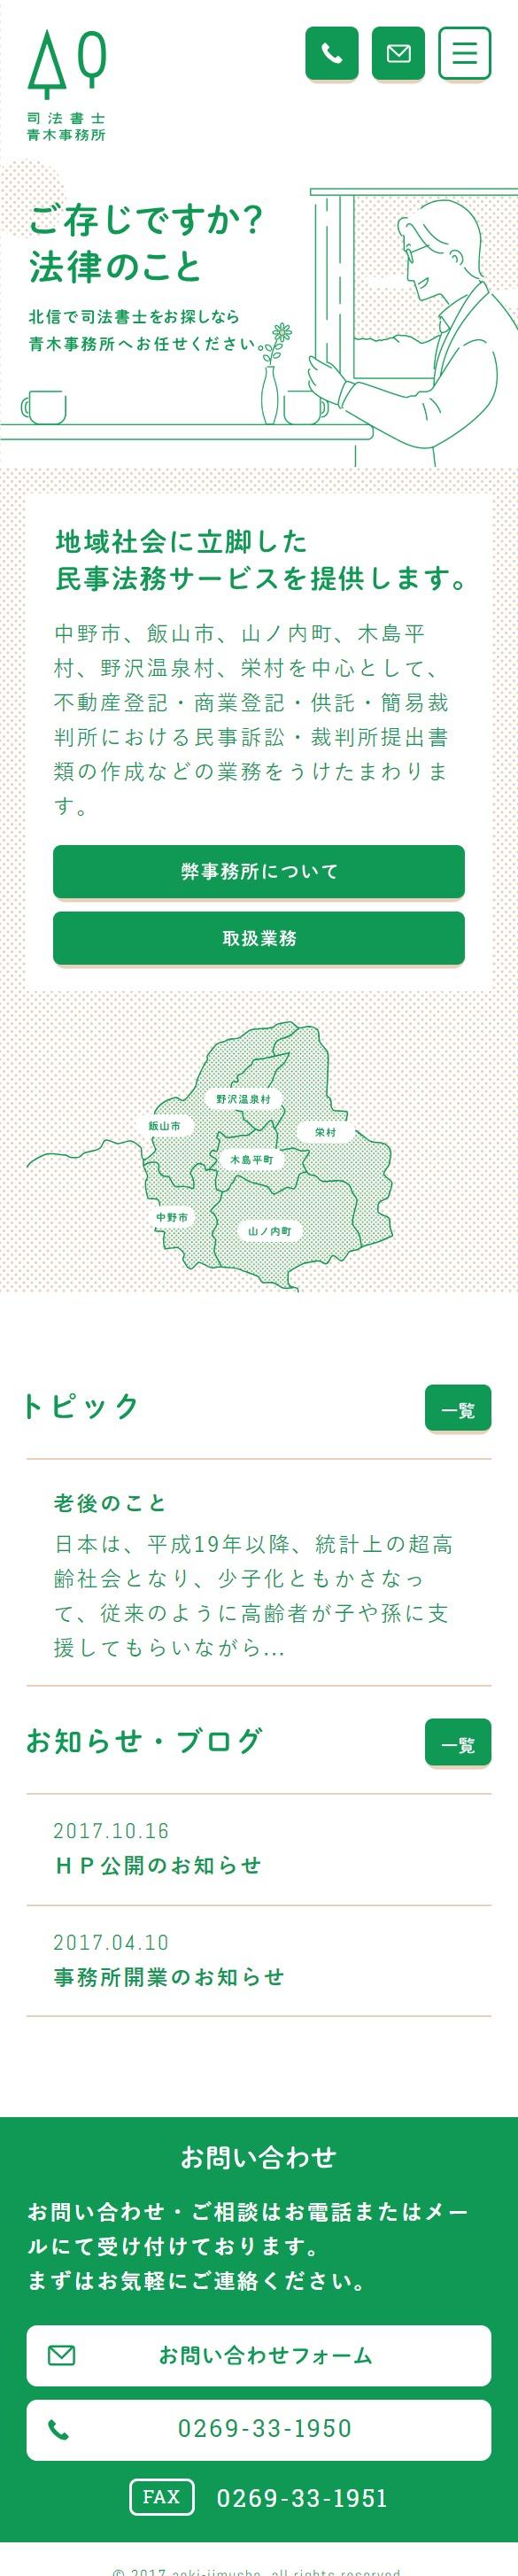 司法書士青木事務所スマホ版イメージ